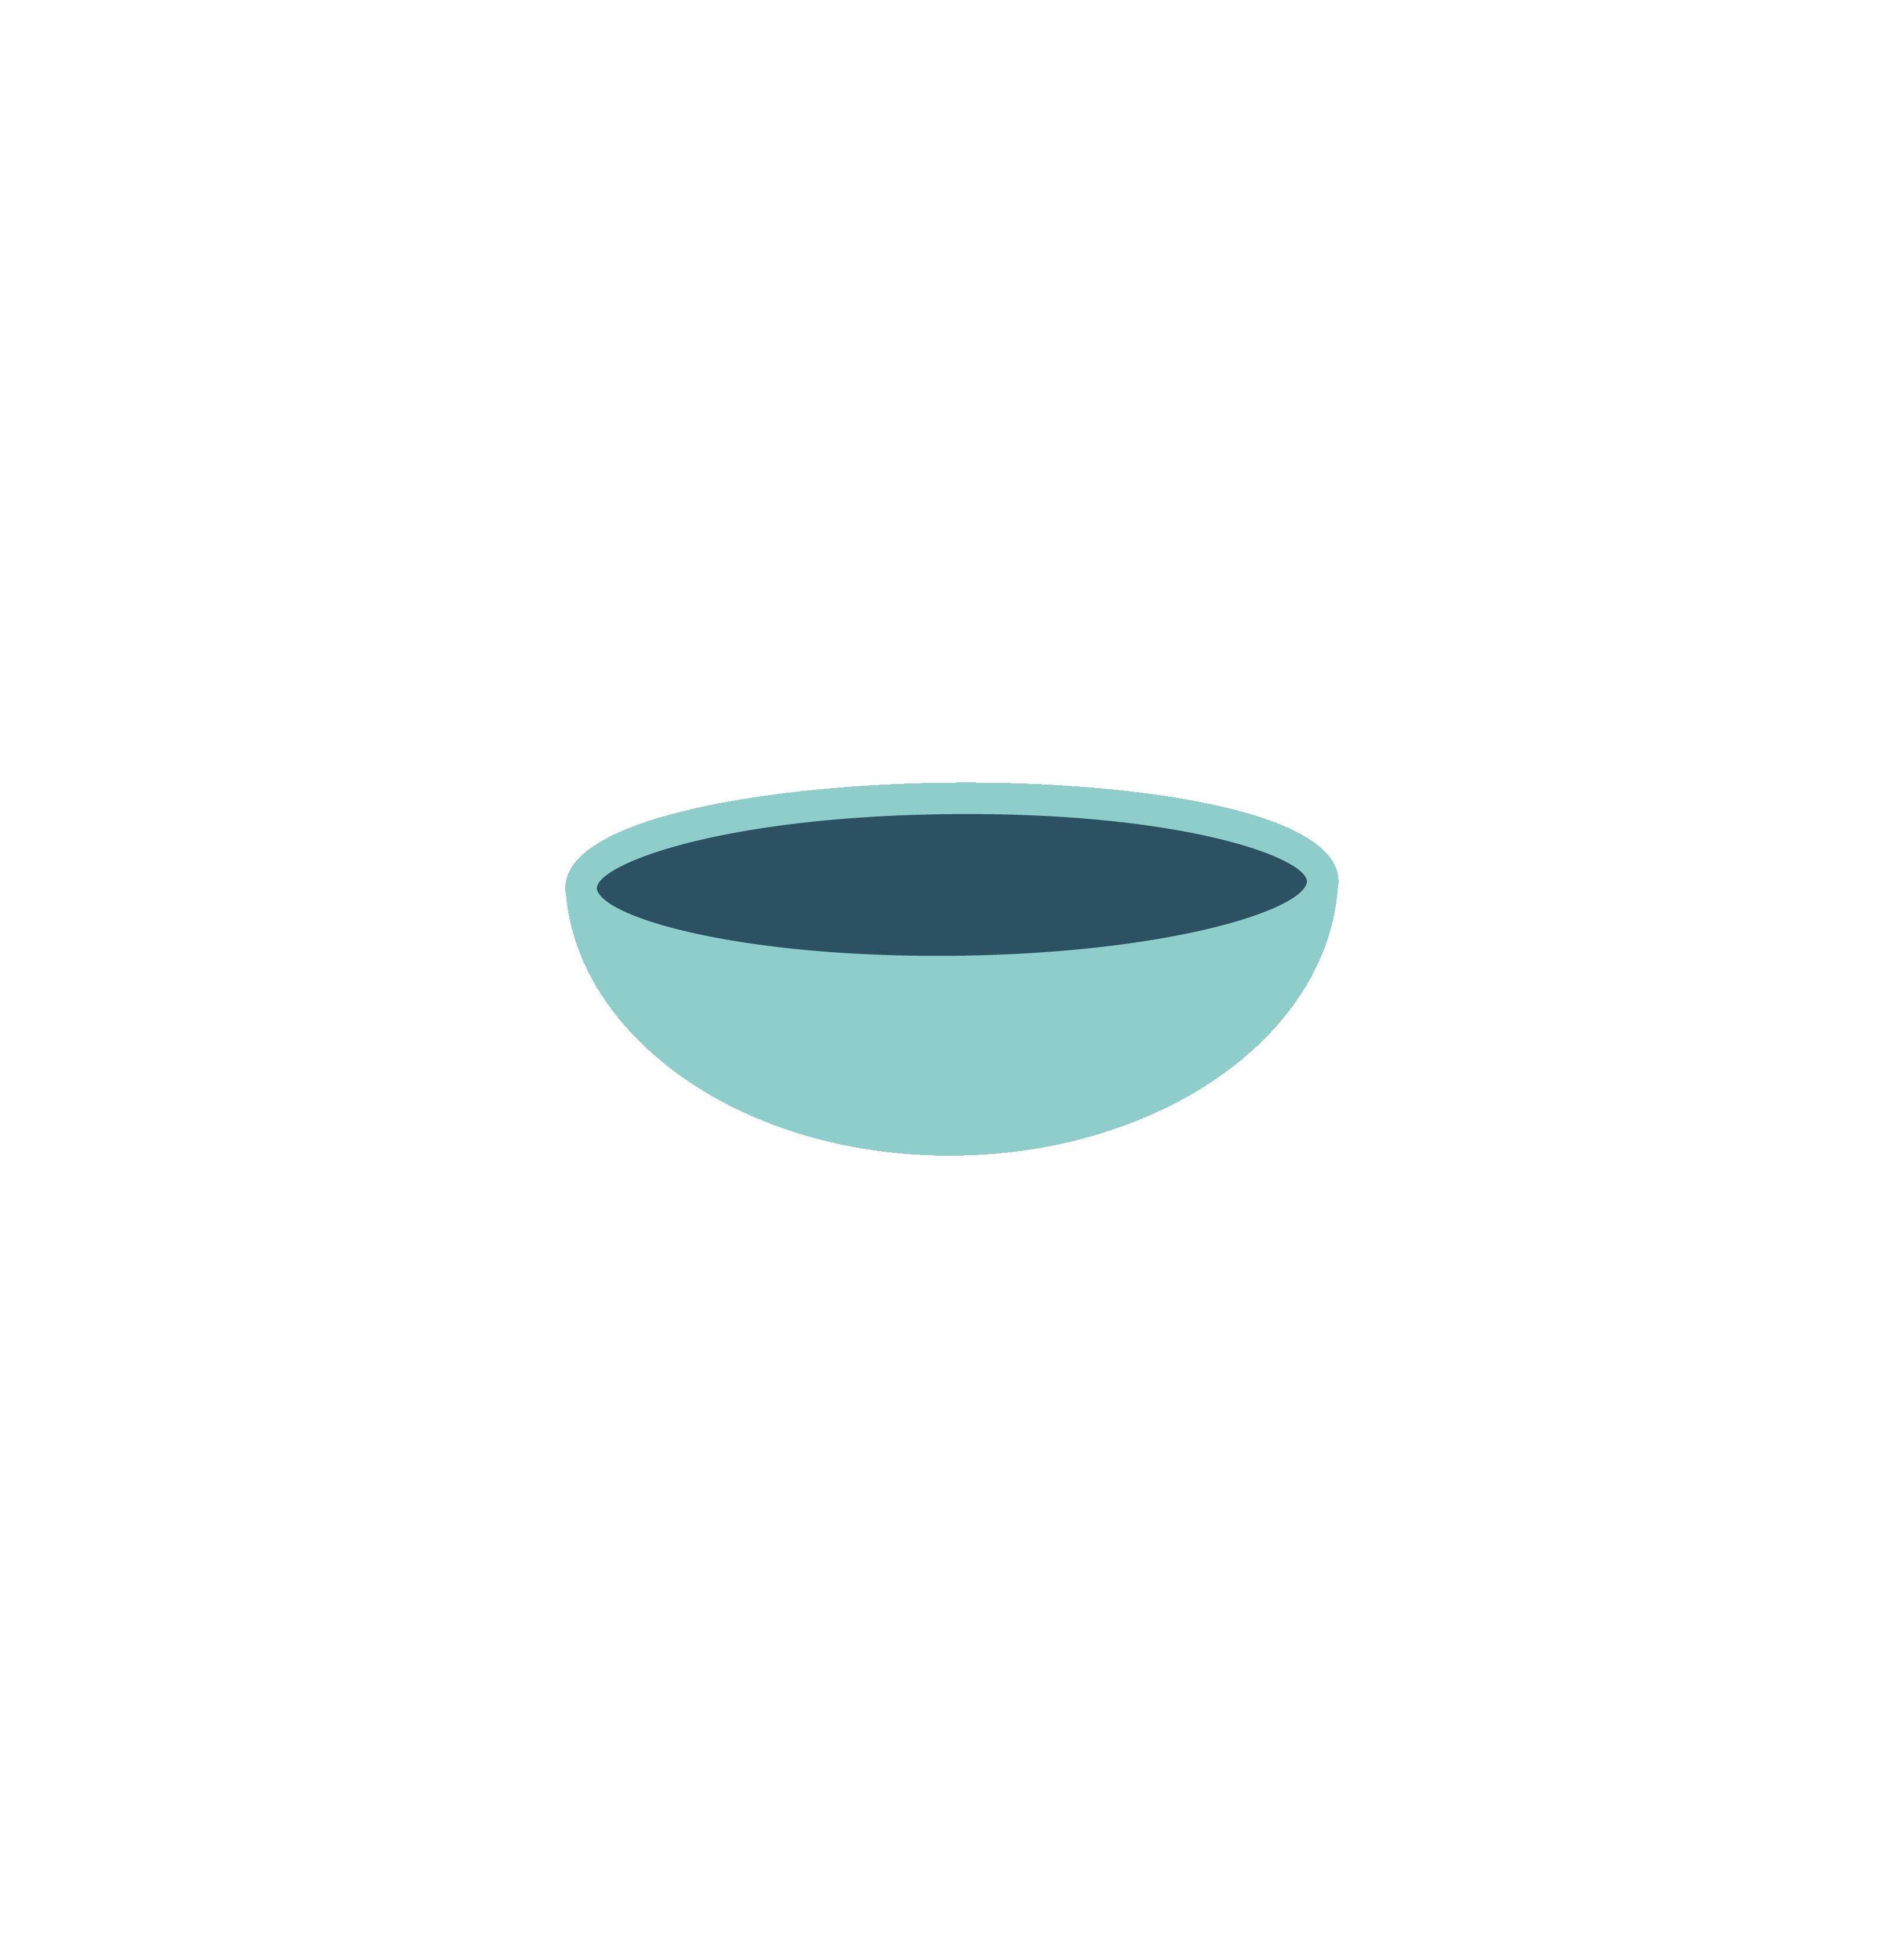 Lentilles Hydrogel en silicone